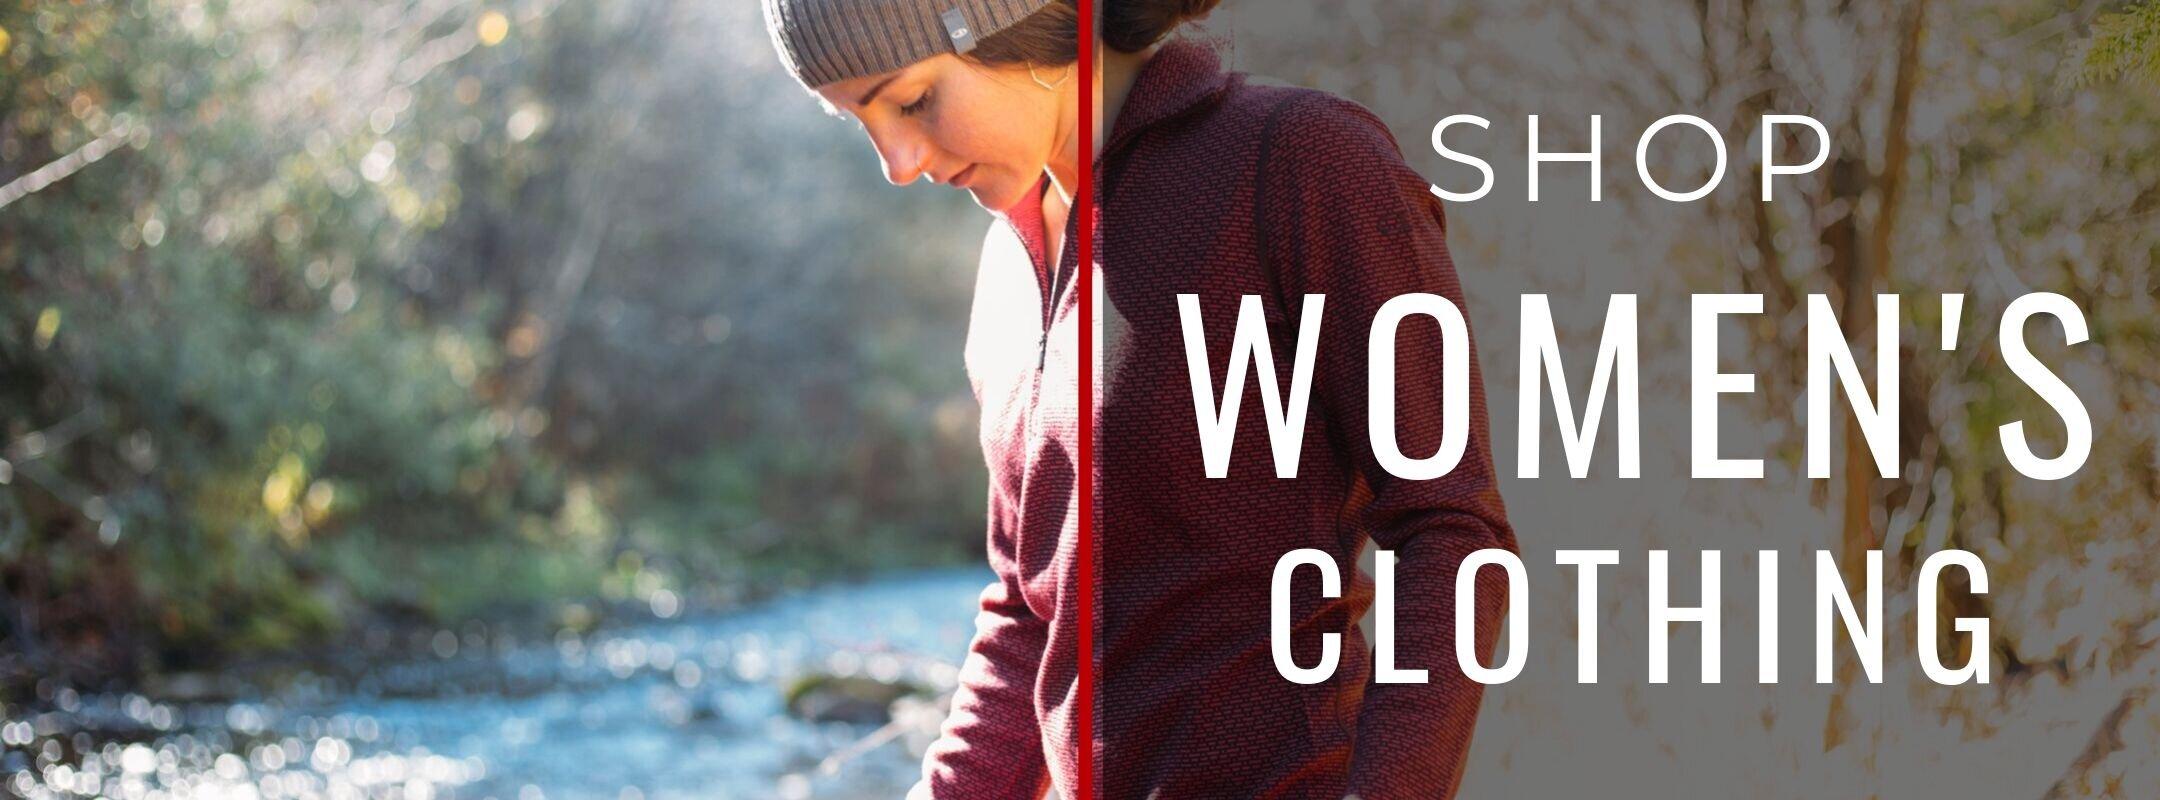 SHOP WOMEN'S CLOTHING